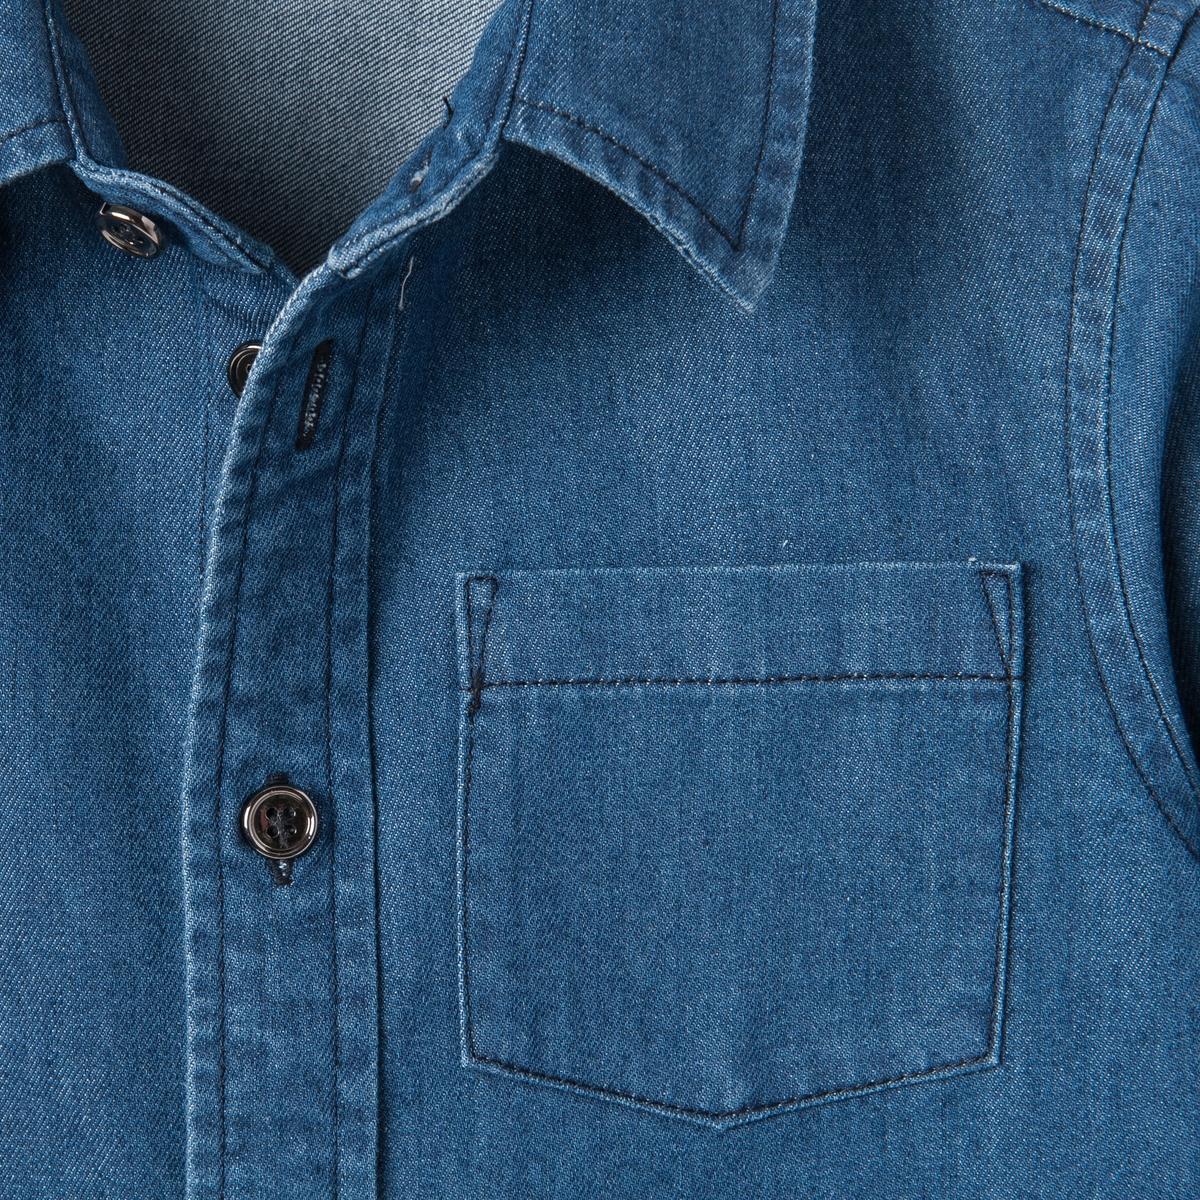 Рубашка из денима, 3-12 летСостав и описание : Материал       деним, 100% хлопкаМарка       R essentielУход :Машинная стирка при 30 °C с вещами схожих цветов.Стирка и глажка с изнаночной стороны.Машинная сушка в обычном режиме.Гладить при средней температуре.<br><br>Цвет: темно-синий<br>Размер: 6 лет - 114 см